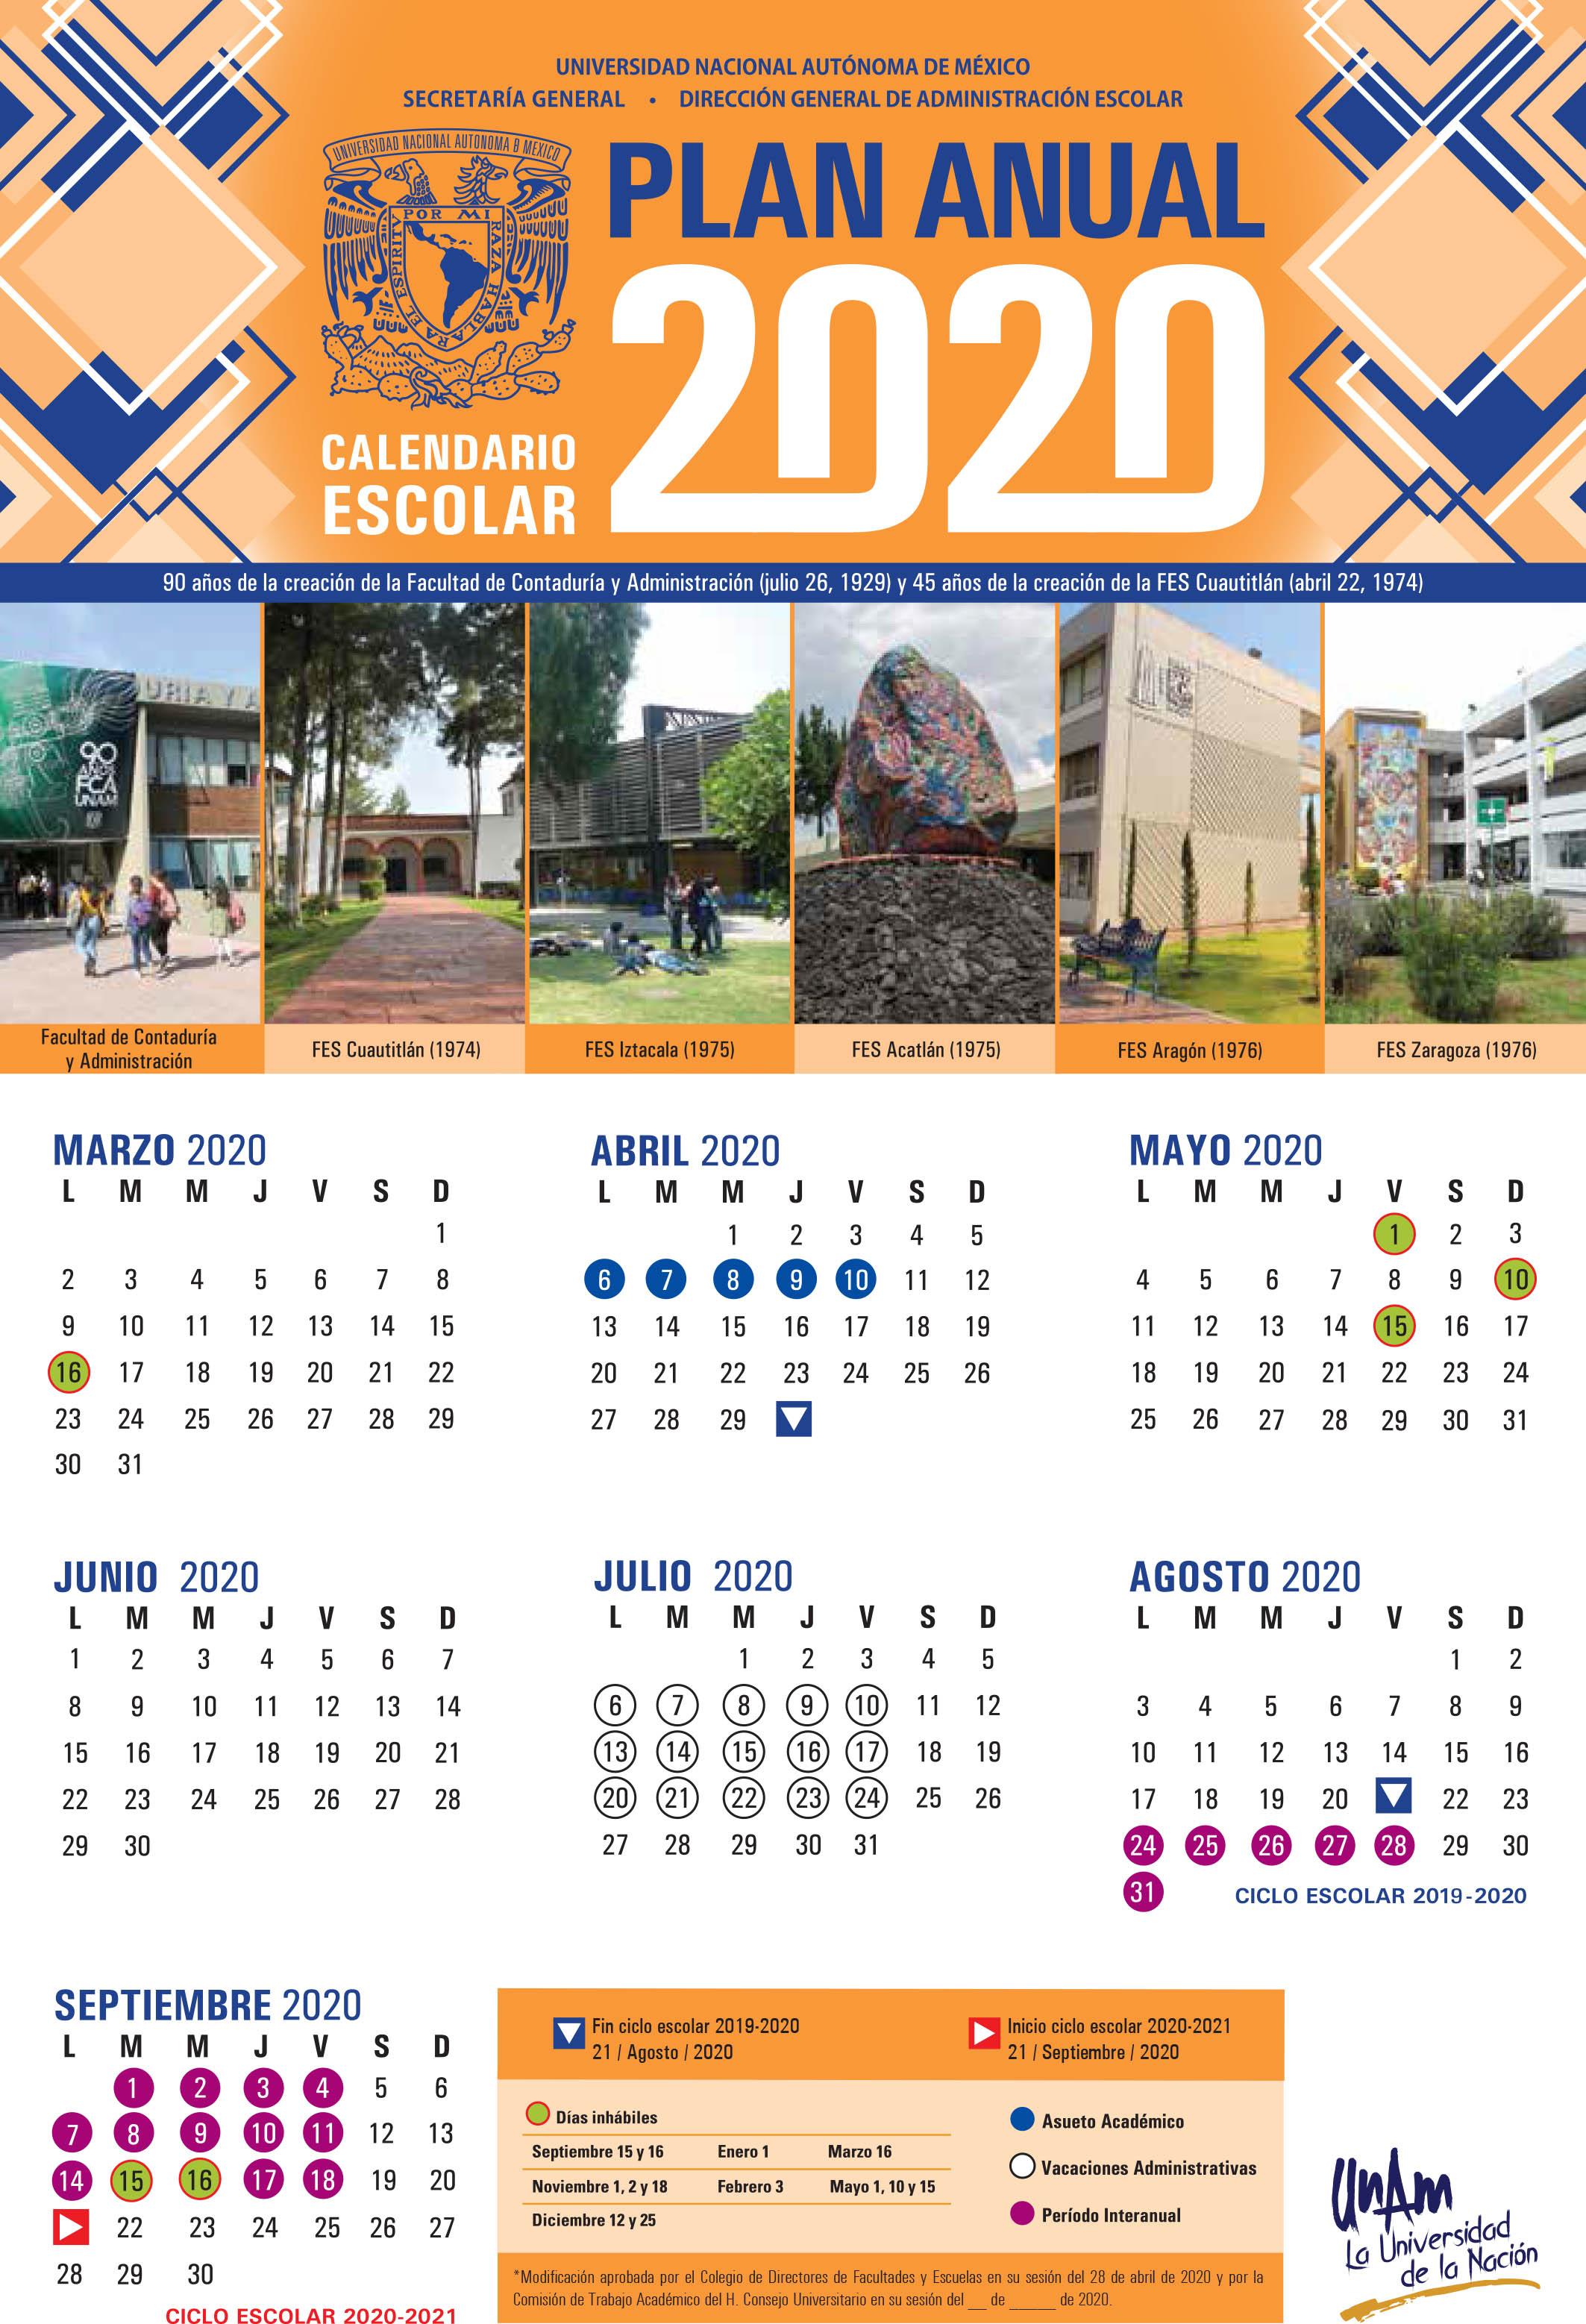 Aprueba la Comisión de Trabajo Académico del CU de la UNAM la modificación al calendario escolar 2020